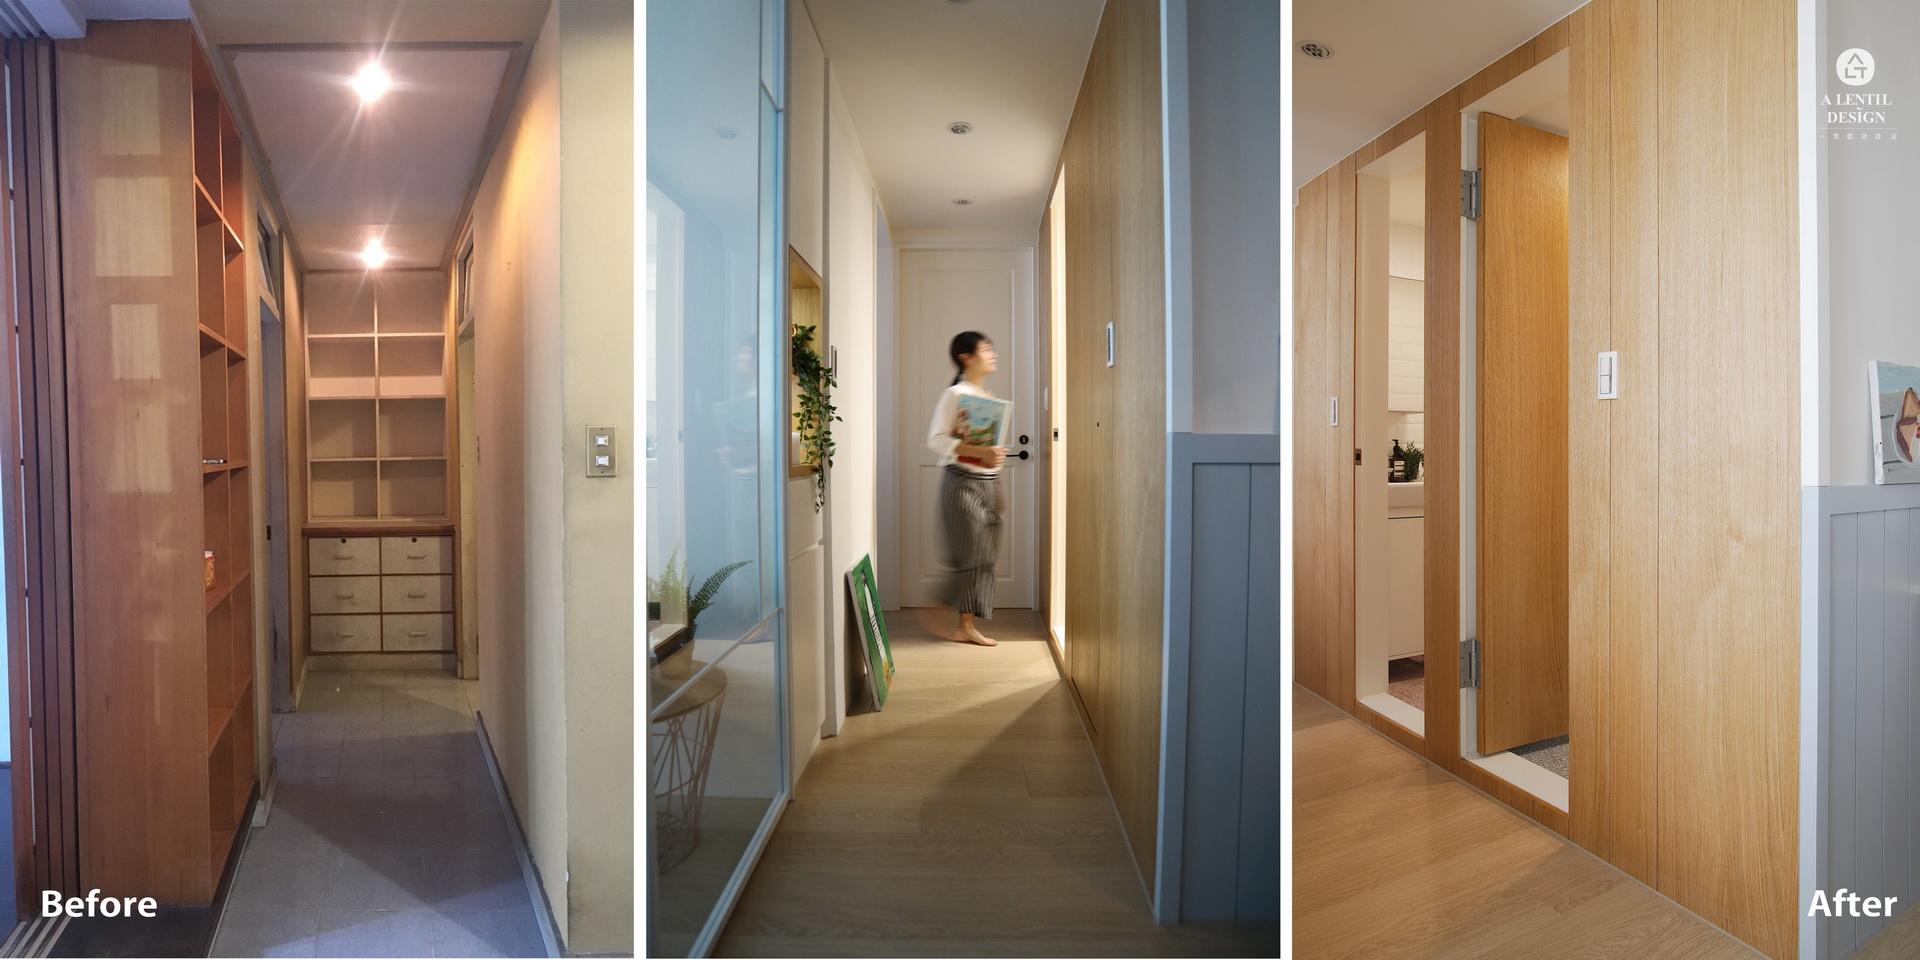 走廊裝修前與裝修後室內設計靈感